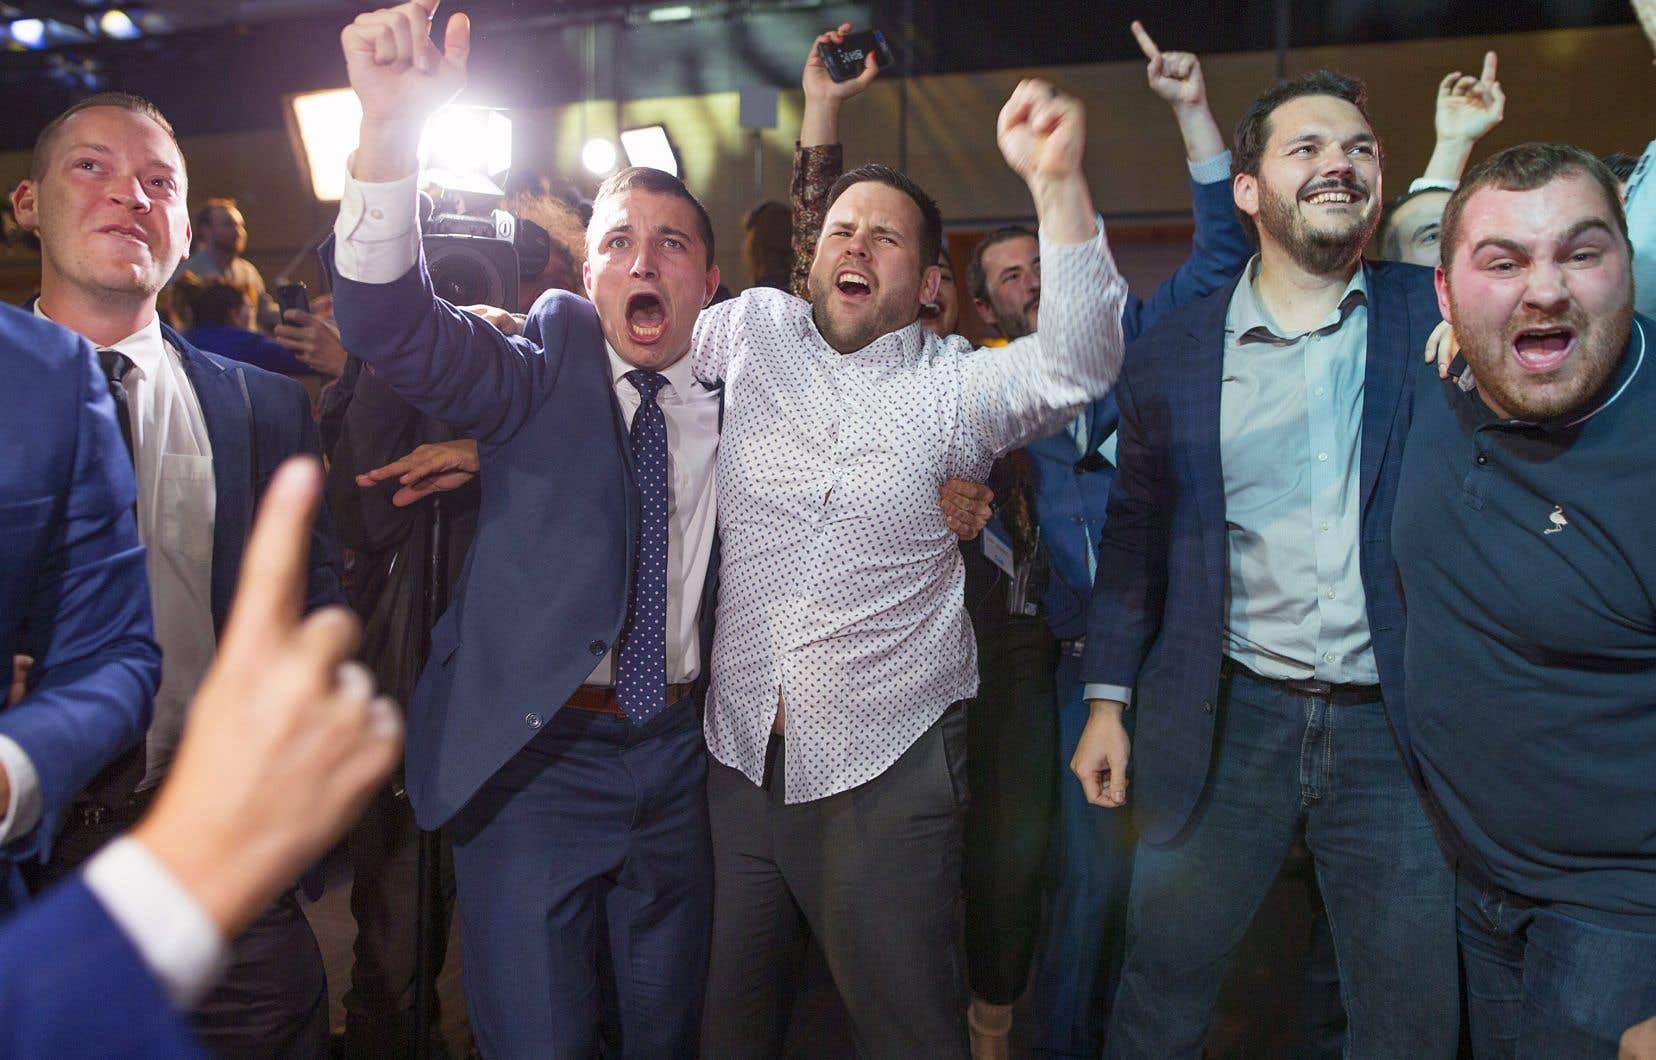 Un groupe de partisans de la Coalition avenir Québec au rassemblement de Québec. Une demi-heure après la fermeture des bureaux de vote, la nouvelle affaire politique était réglée: la CAQ obtenait la majorité des sièges à l'Assemblée nationale.